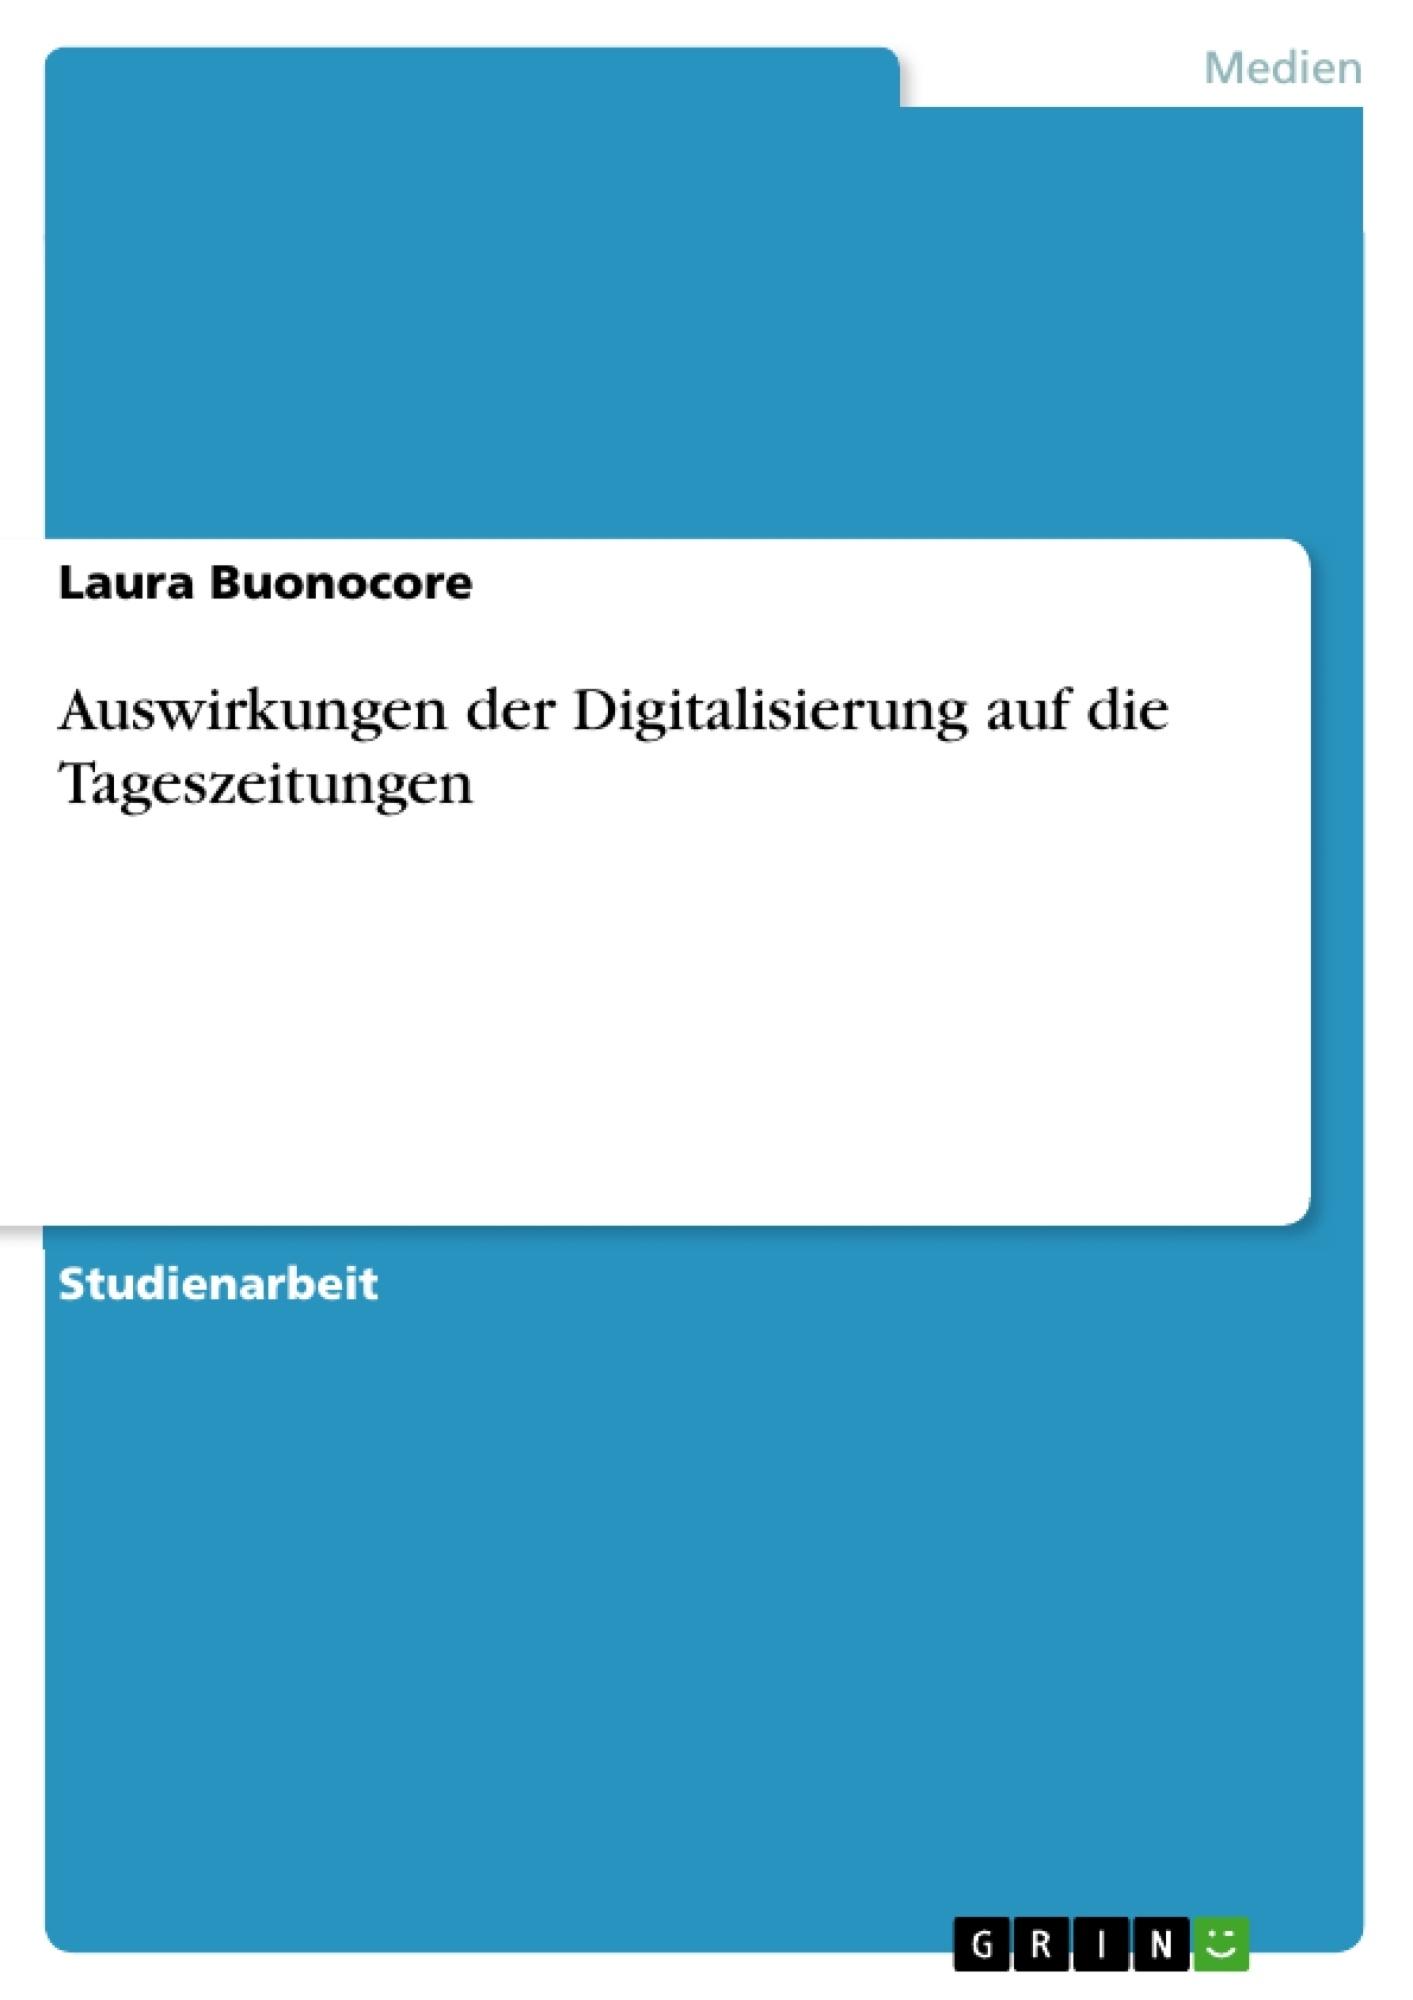 Titel: Auswirkungen der Digitalisierung auf die Tageszeitungen